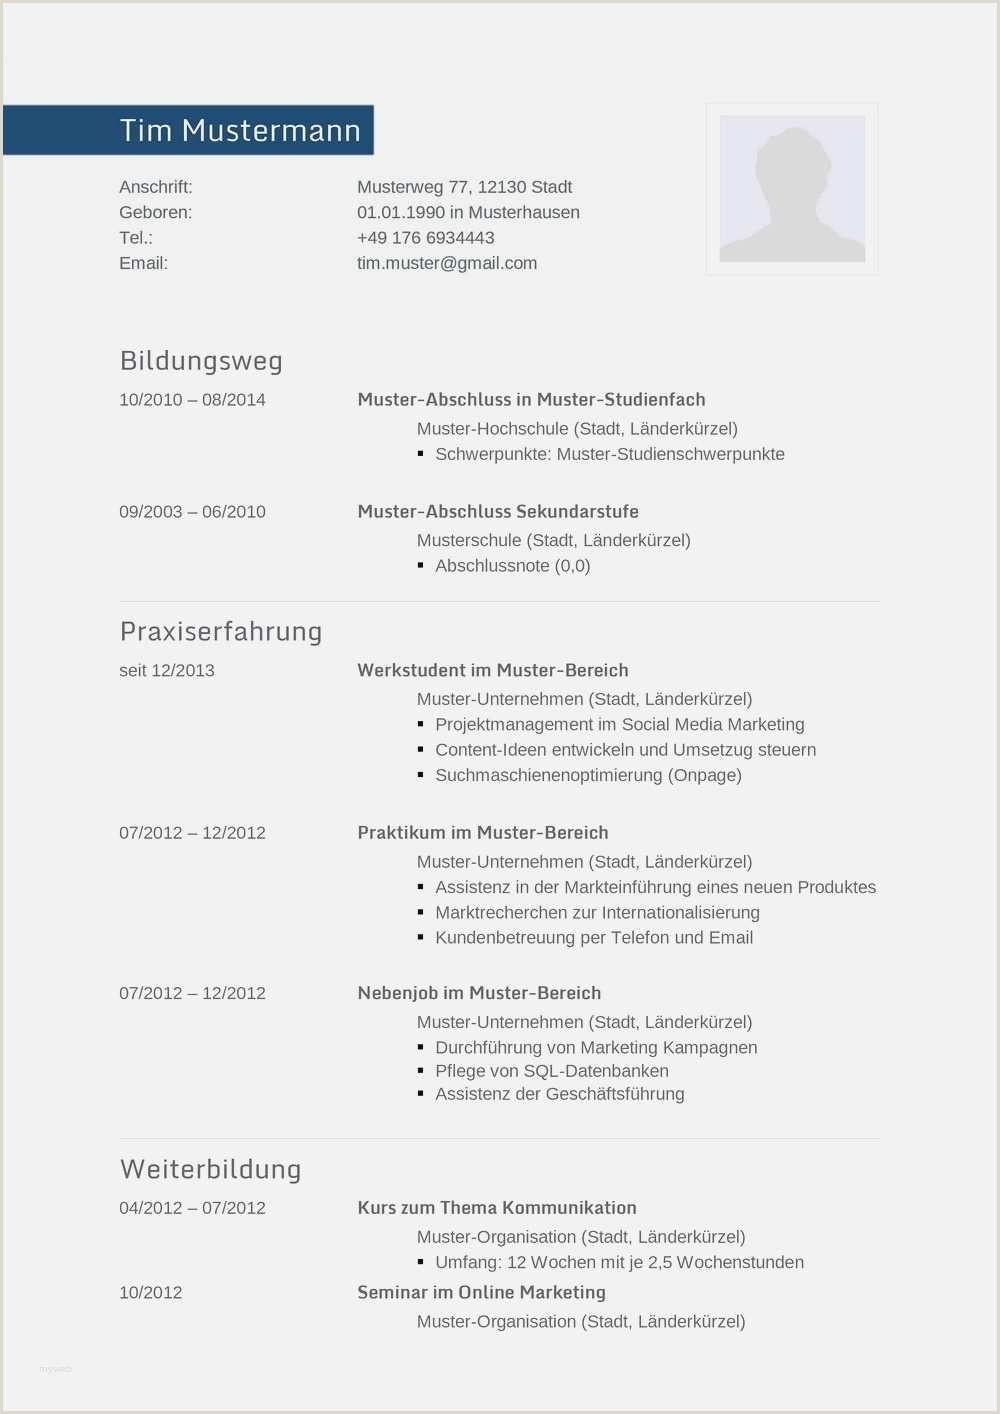 Tabellarischer Lebenslauf Muster Word Dokument Vorlage Tabellarischer Lebenslauf Word Tabellarischer Lebenslauf